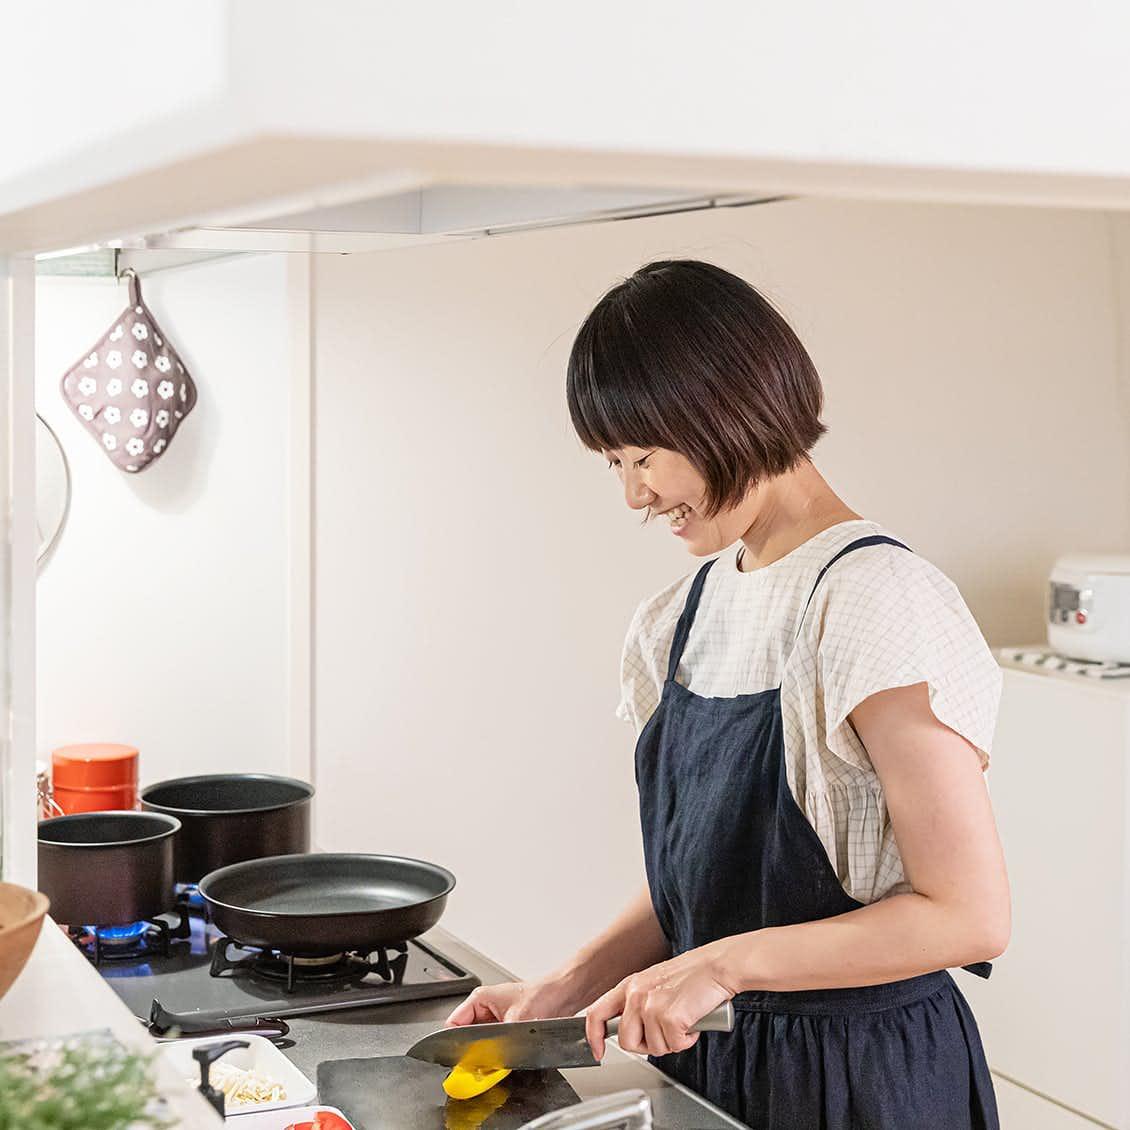 【BRAND NOTE】食事づくりは「料理」だけじゃないから。平日の夕飯が、鍋えらびでこんなに変わった!